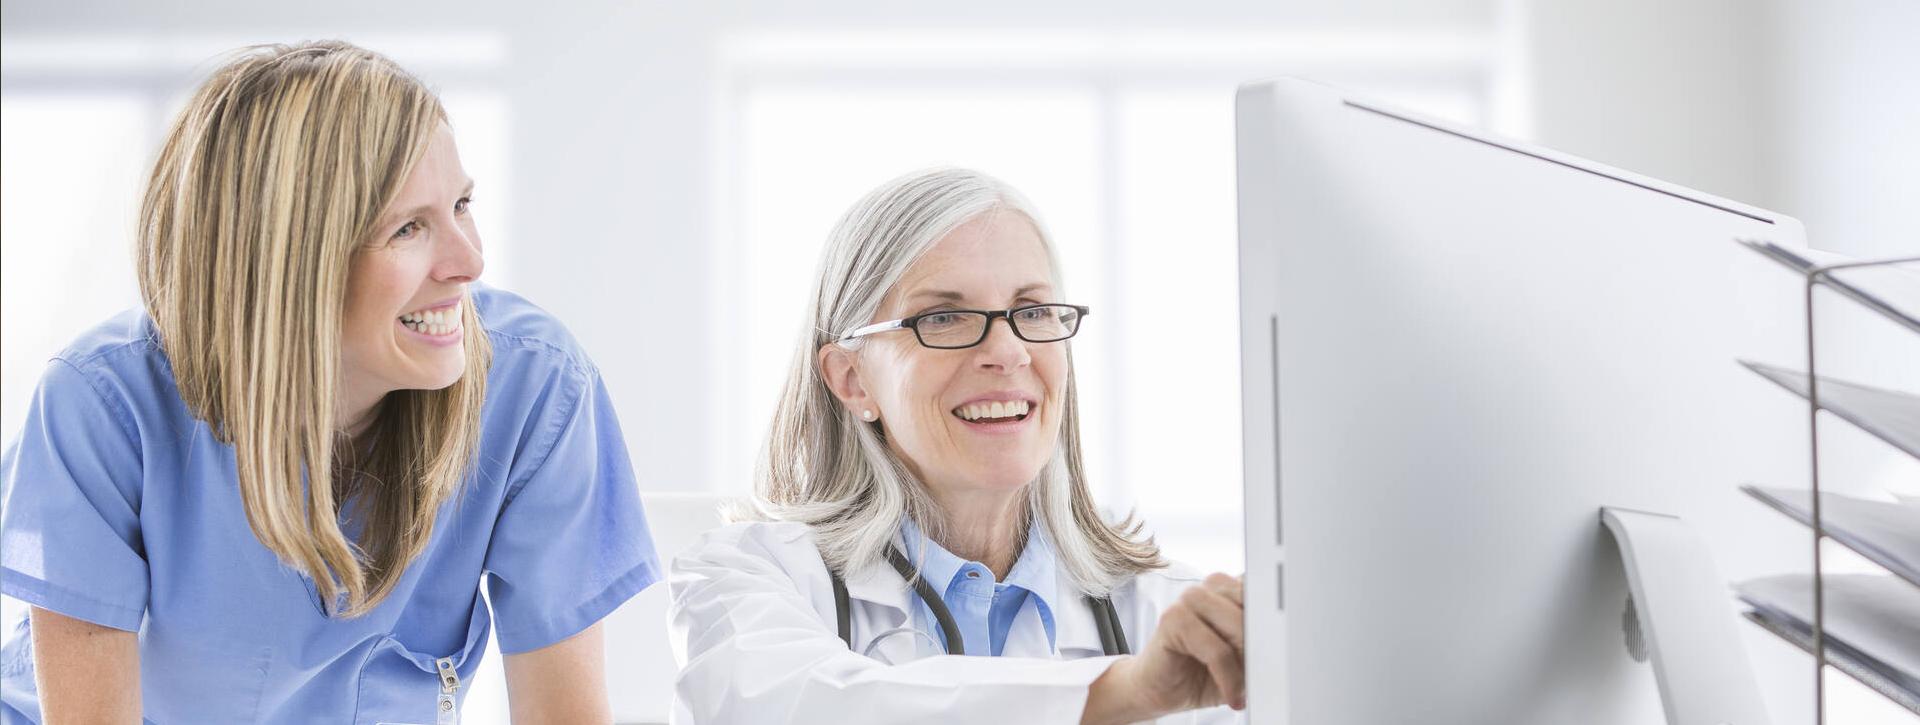 Kaksi hoitoalan naistyöntekijää koneen äärellä työskentelemässä.